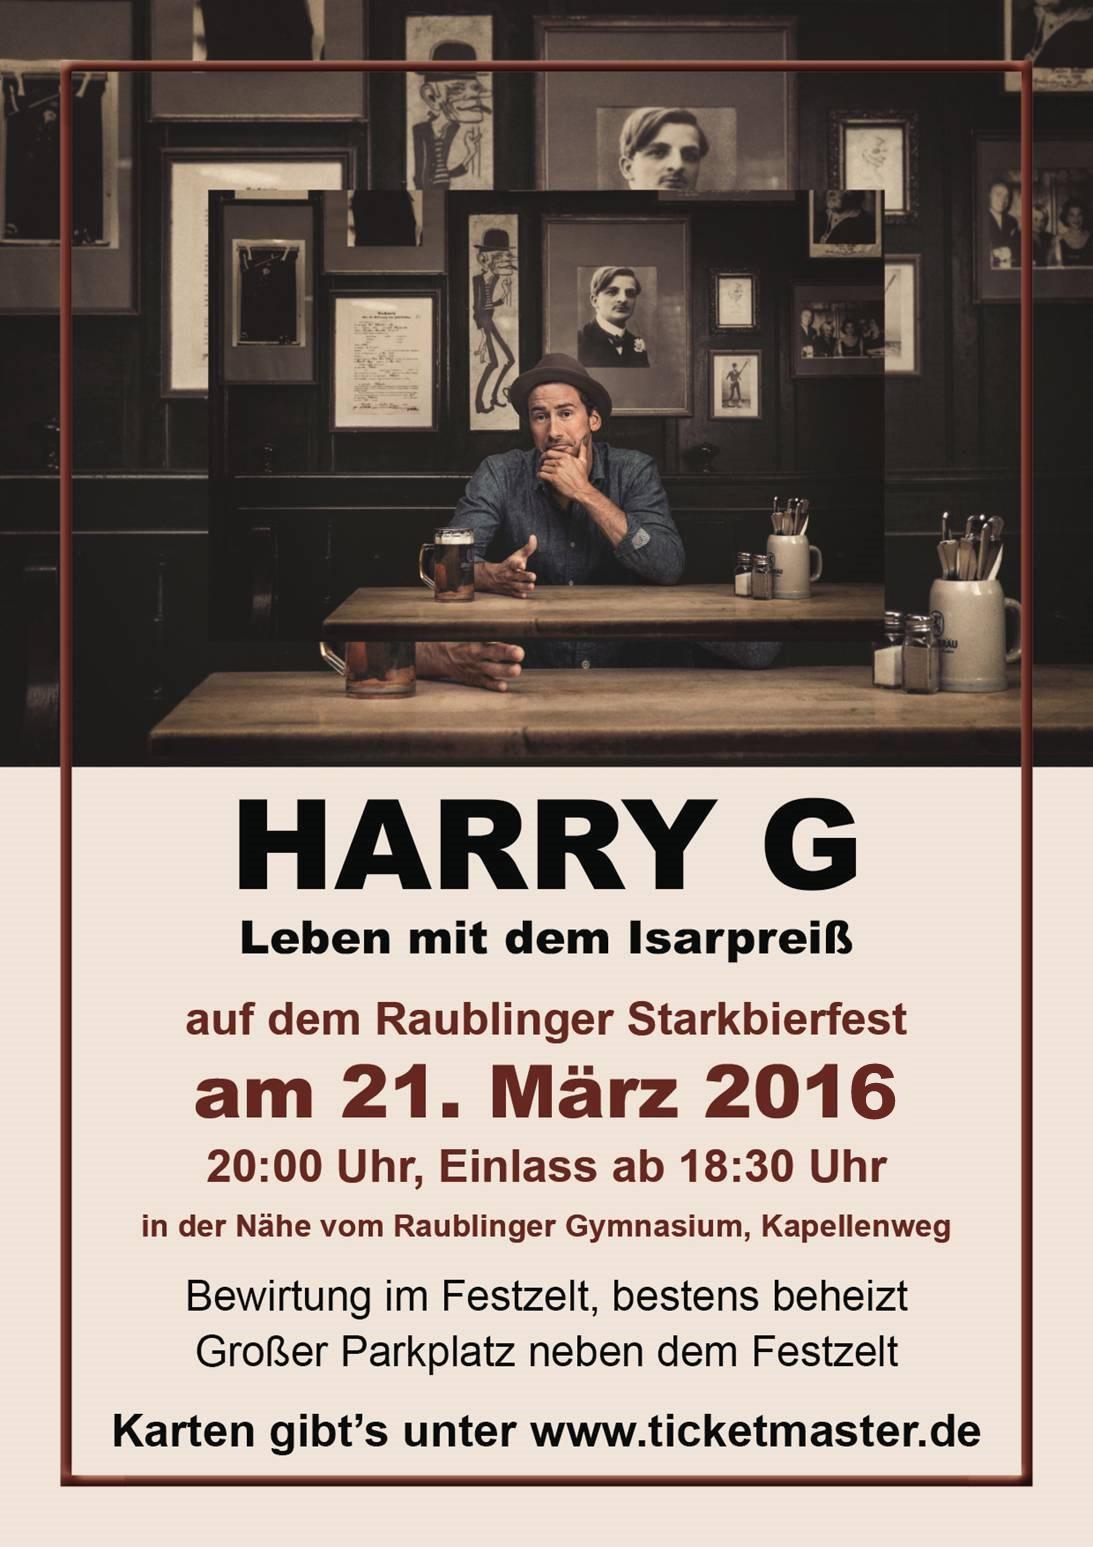 Harry G Starkbierfest Raubling